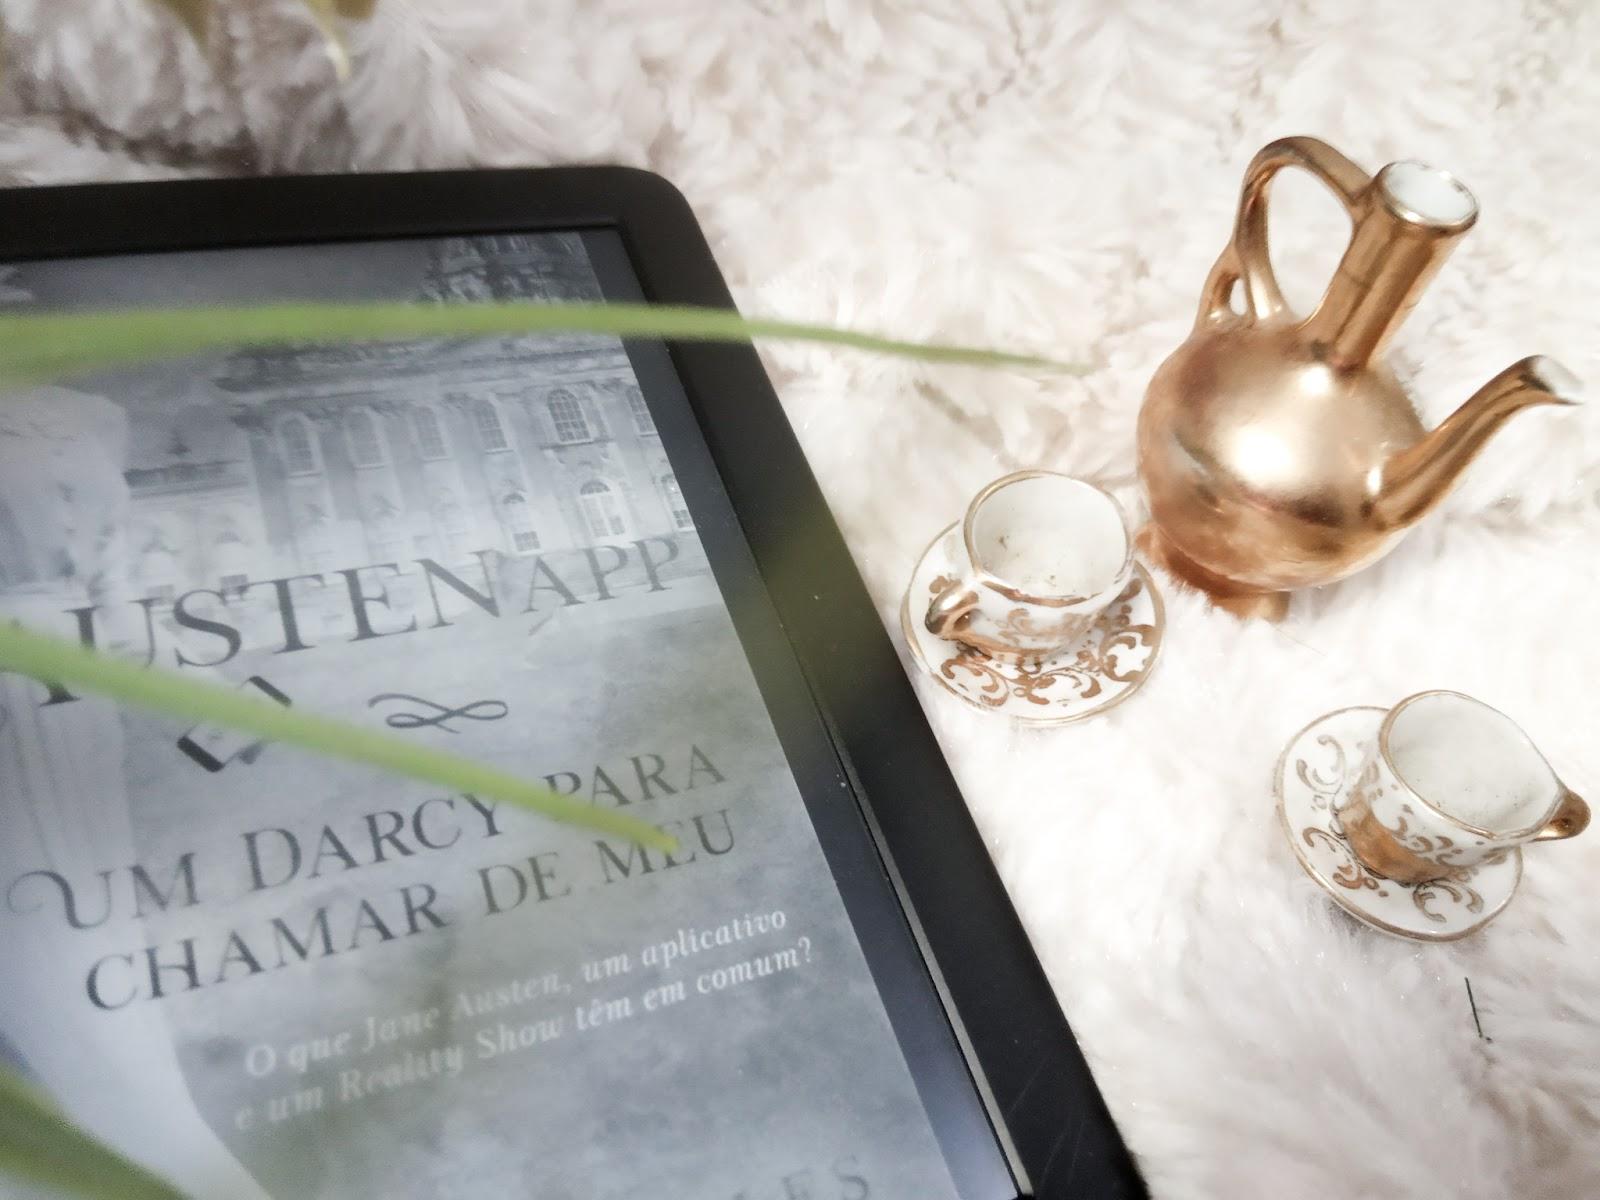 Foto com aparelho kindle focado na capa de AustenApp em que aparece os dizeres Um darcy para chamar de meu, ao lado direito ha miniaturas de xicaras, pires e um bule de chá sob um tecido branco e peludo